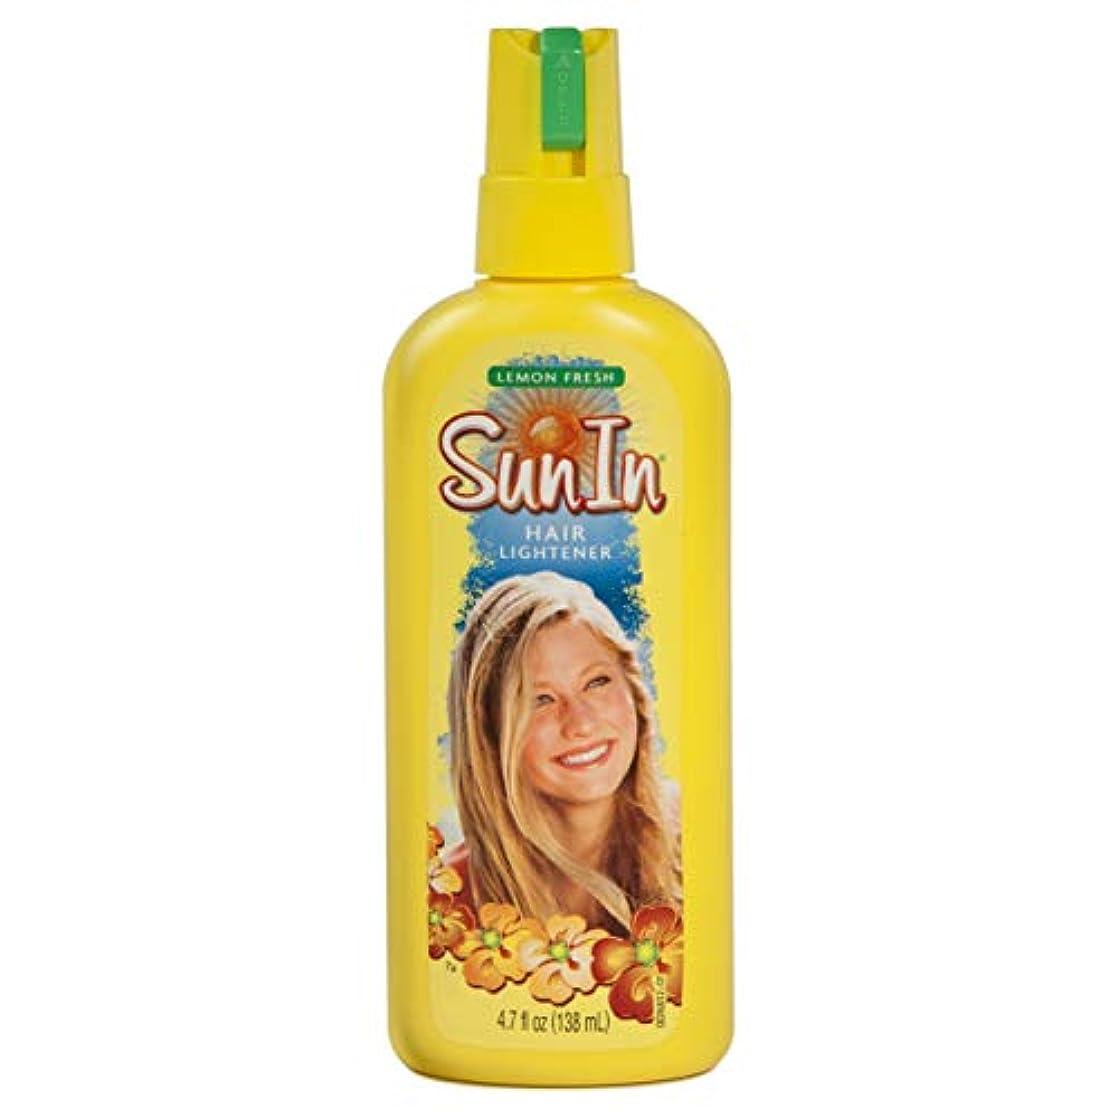 最少ドメインはさみ海外直送品Sun-In Sun-In Hair Lightener Spray Lemon Fresh, Lemon Fresh 4.7 oz